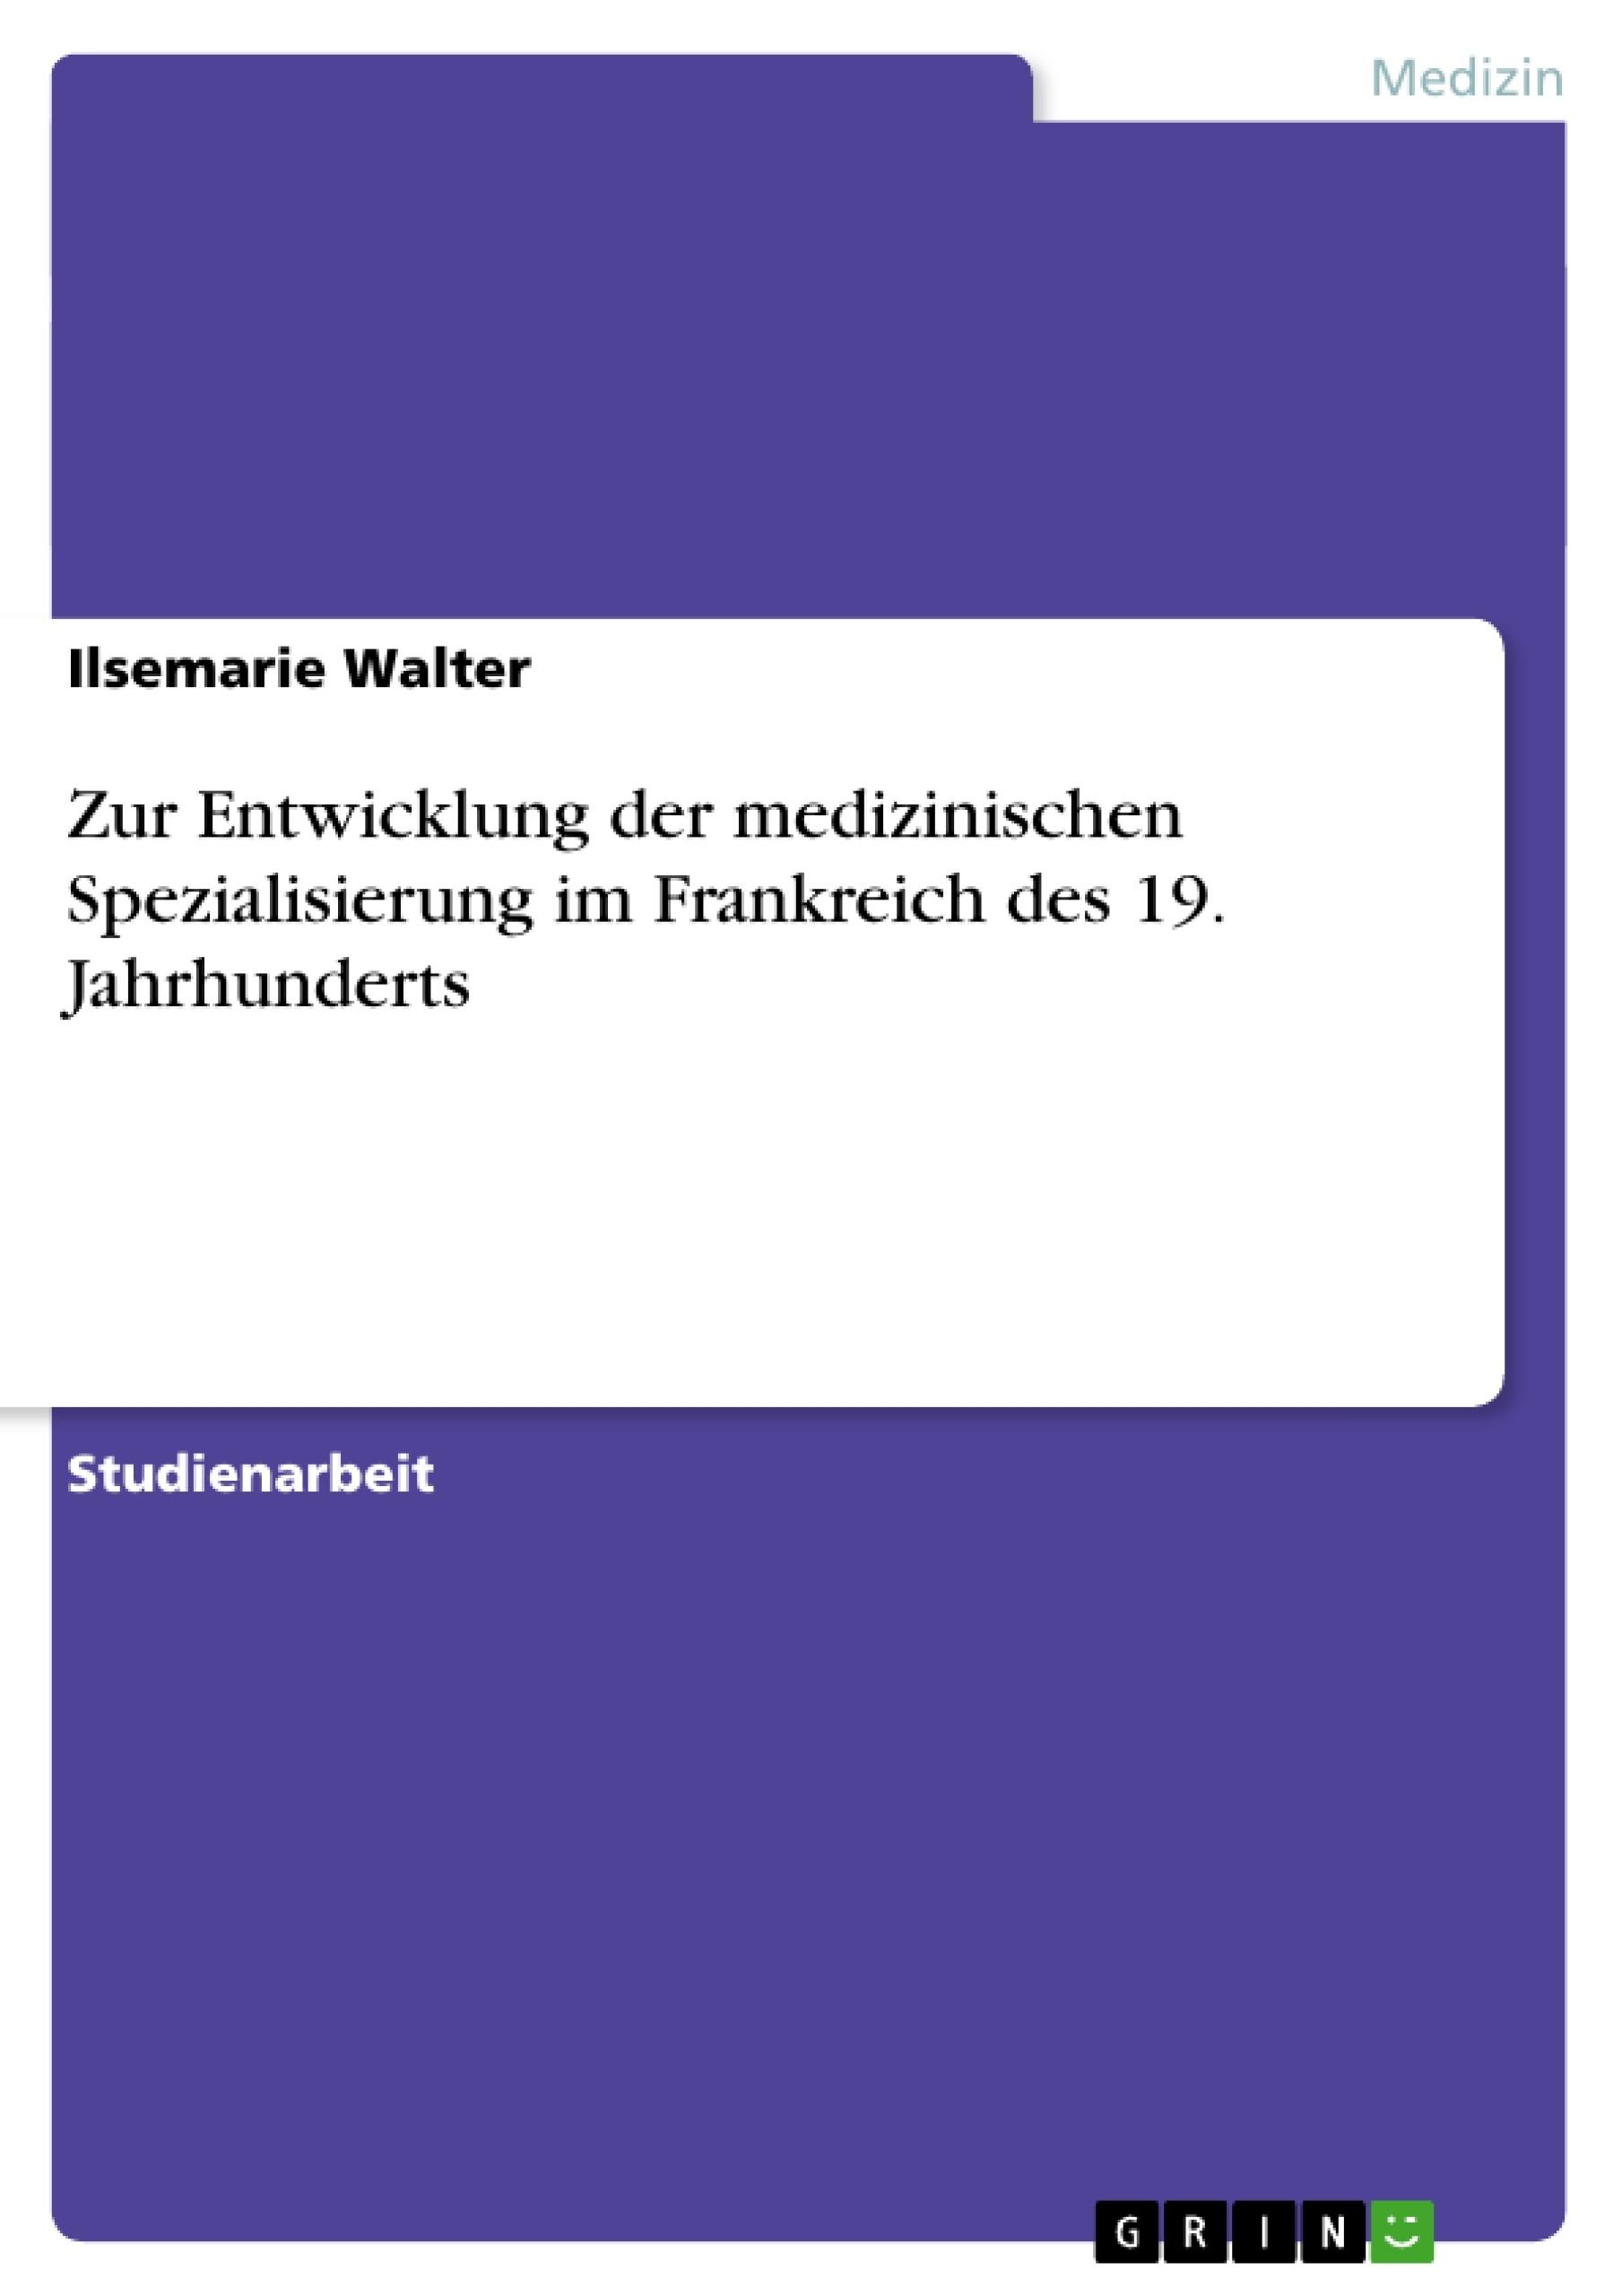 Titel: Zur Entwicklung der medizinischen Spezialisierung im Frankreich des 19. Jahrhunderts